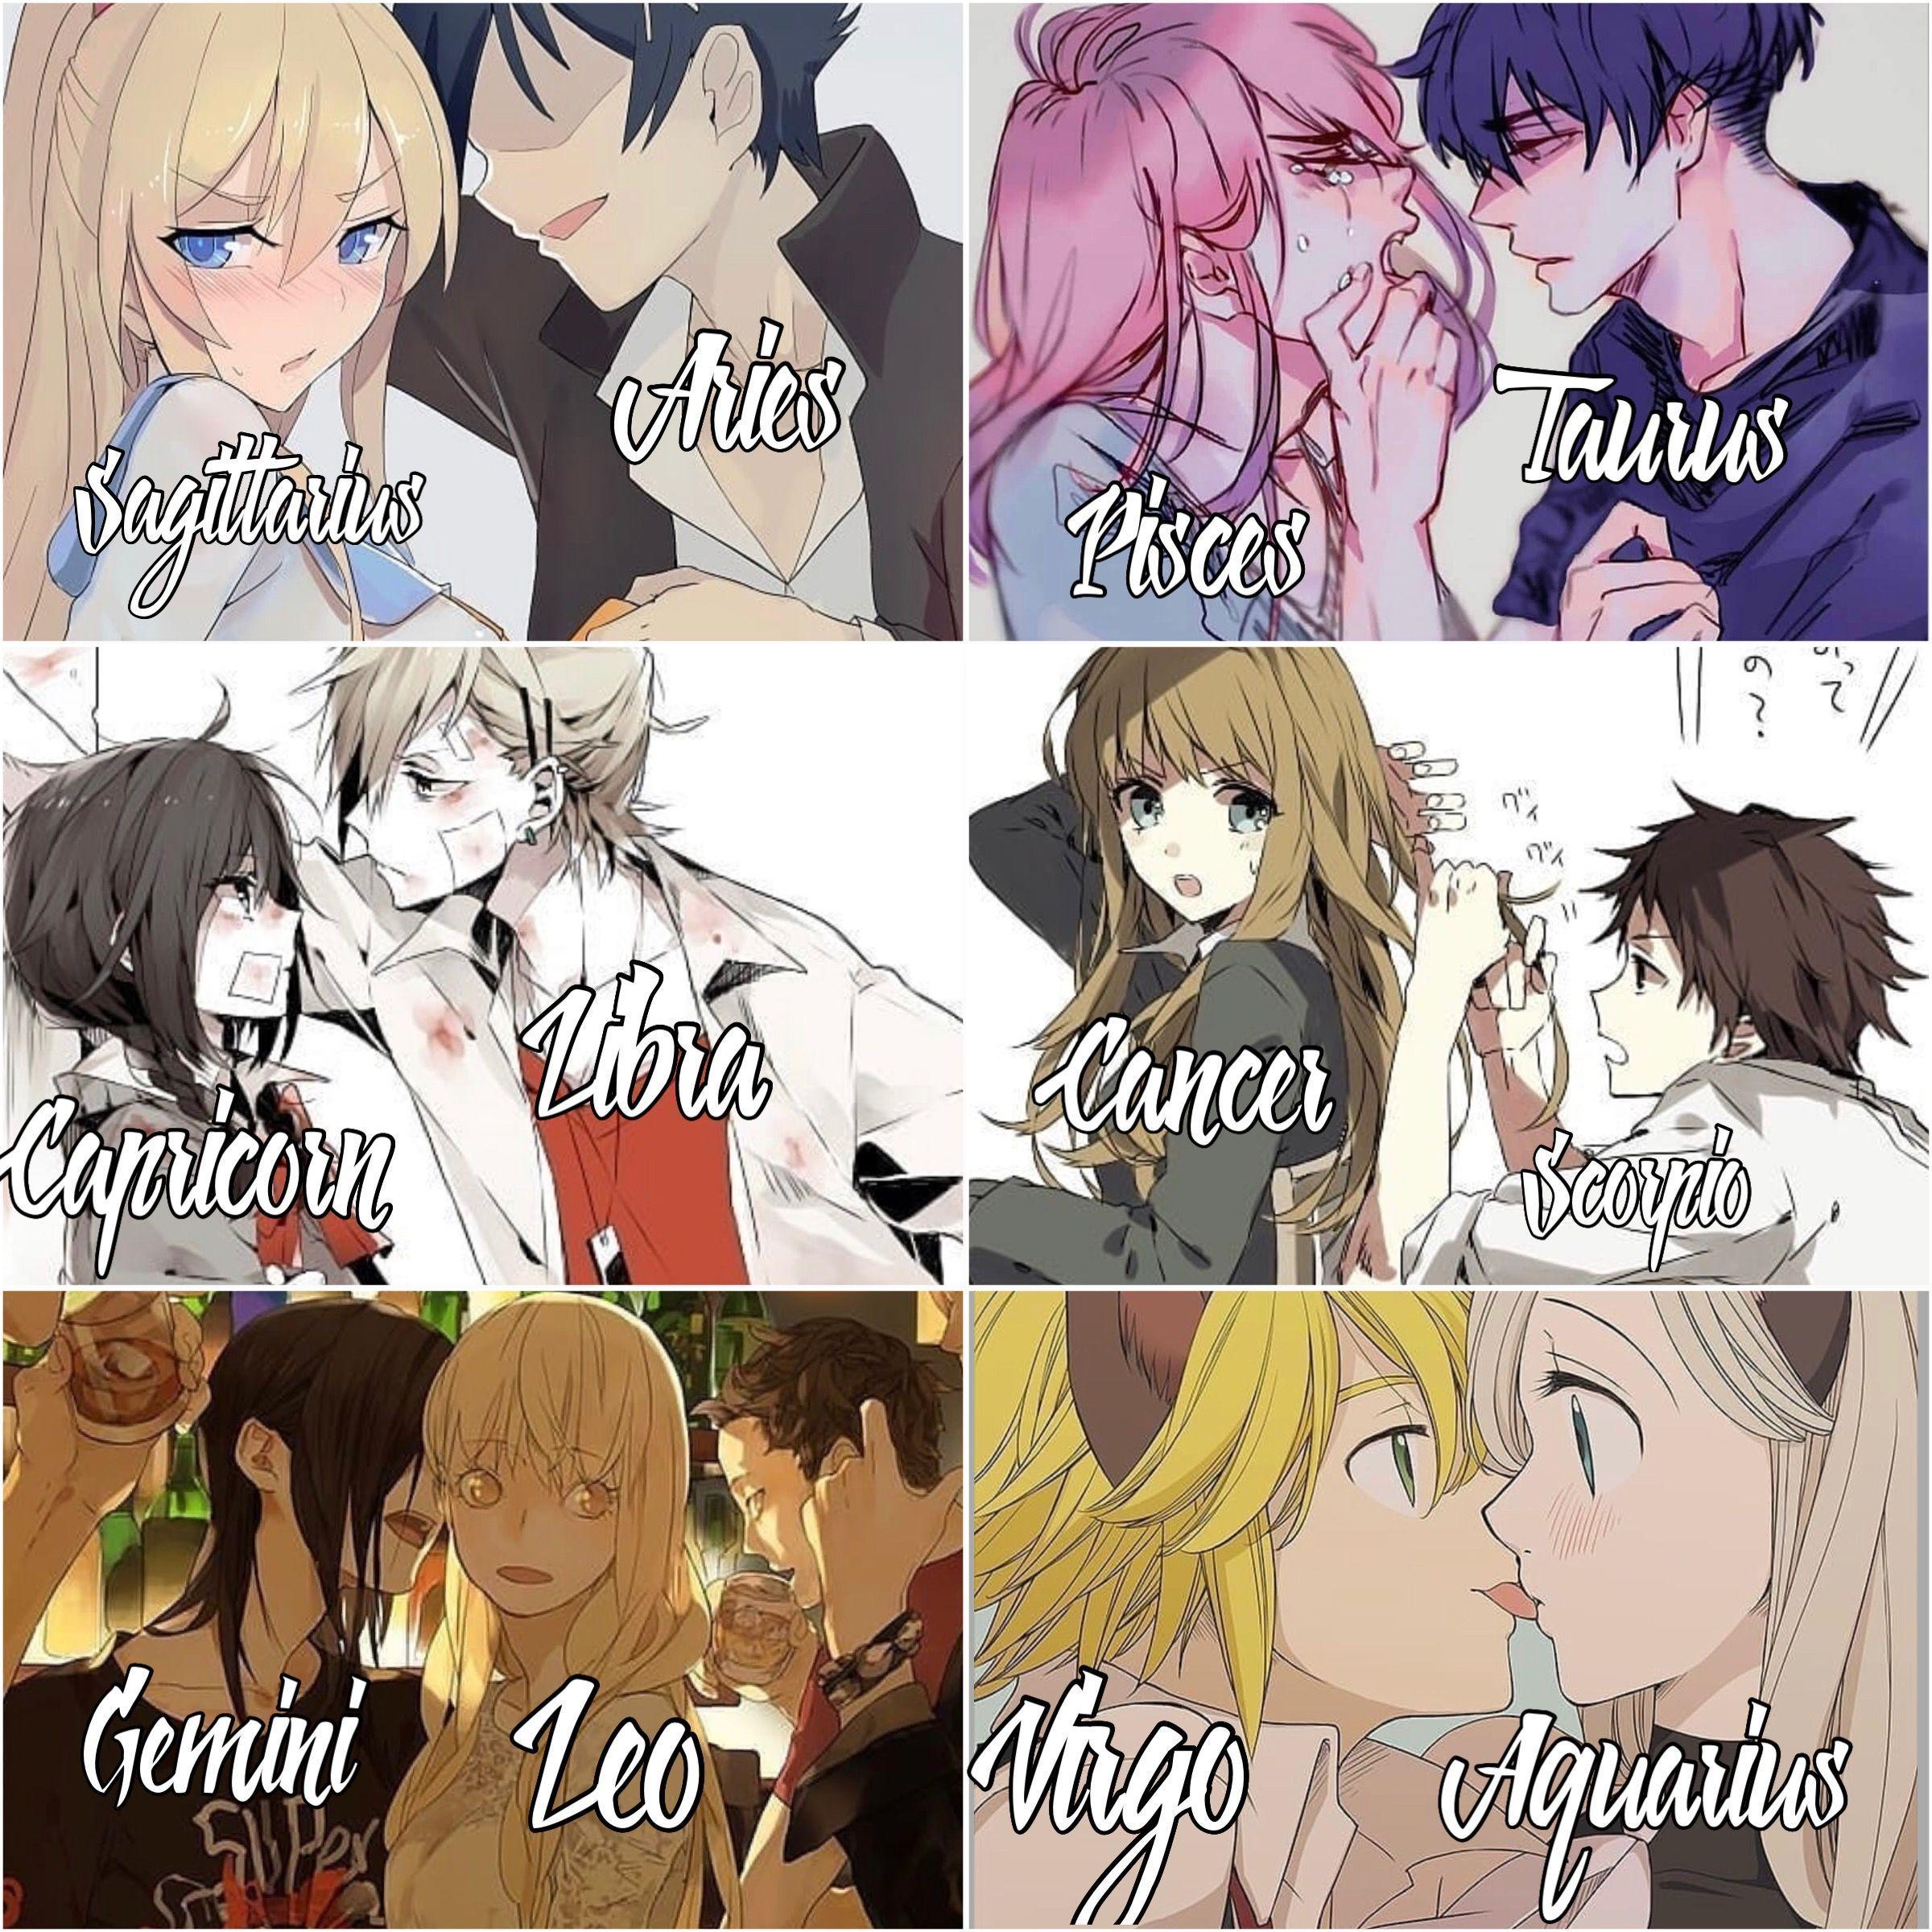 Zodiac Signs Memes Funny So True Funny Zodiac Signs Memes Zodiac Signs Funny Zodiac Characters Anime Zodiac